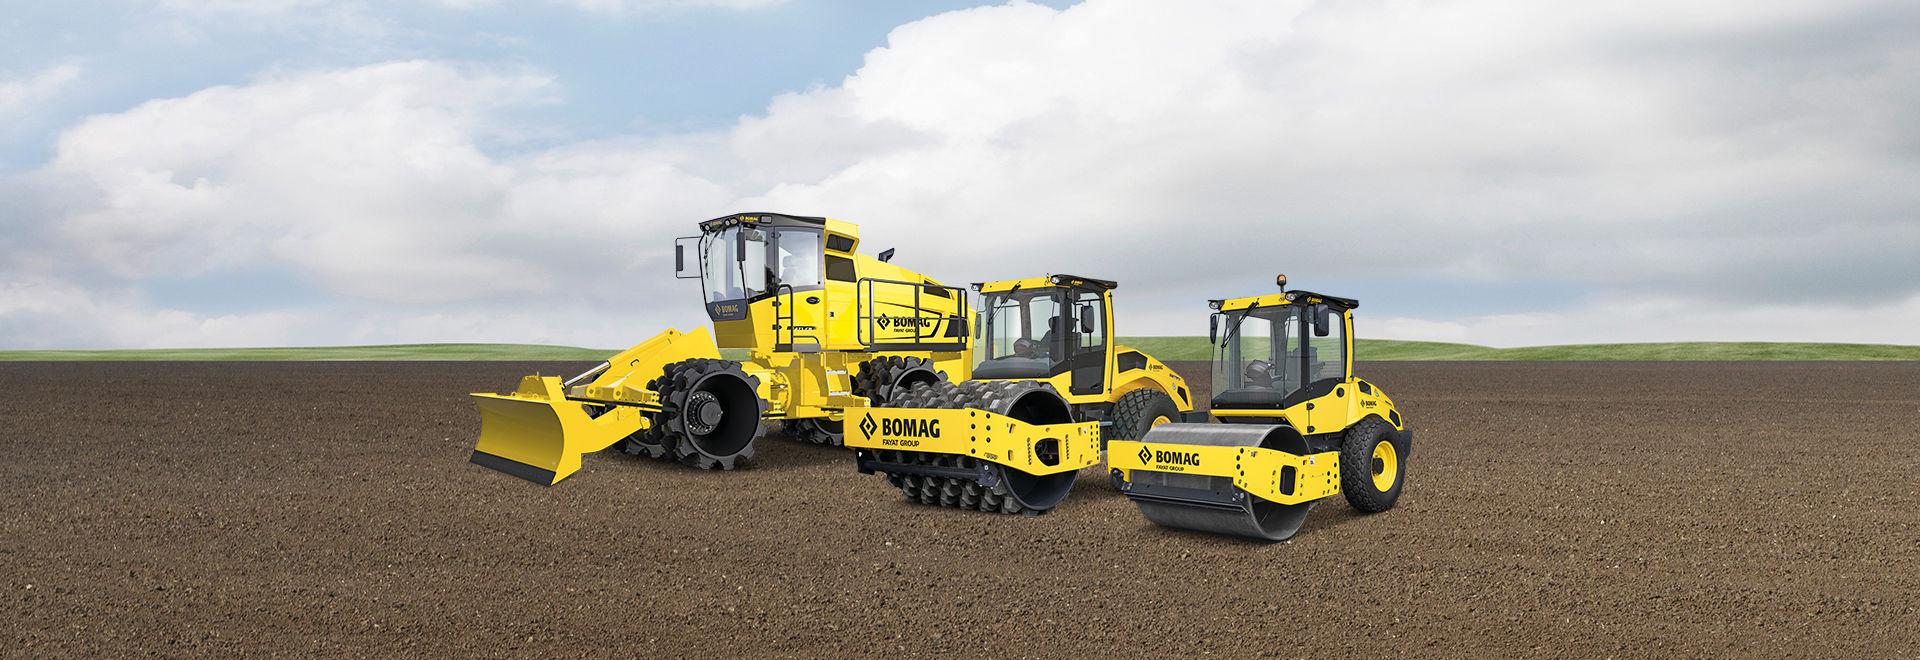 Walce do robót ziemnych i maszyny do zagęszczania w pracach ziemnych